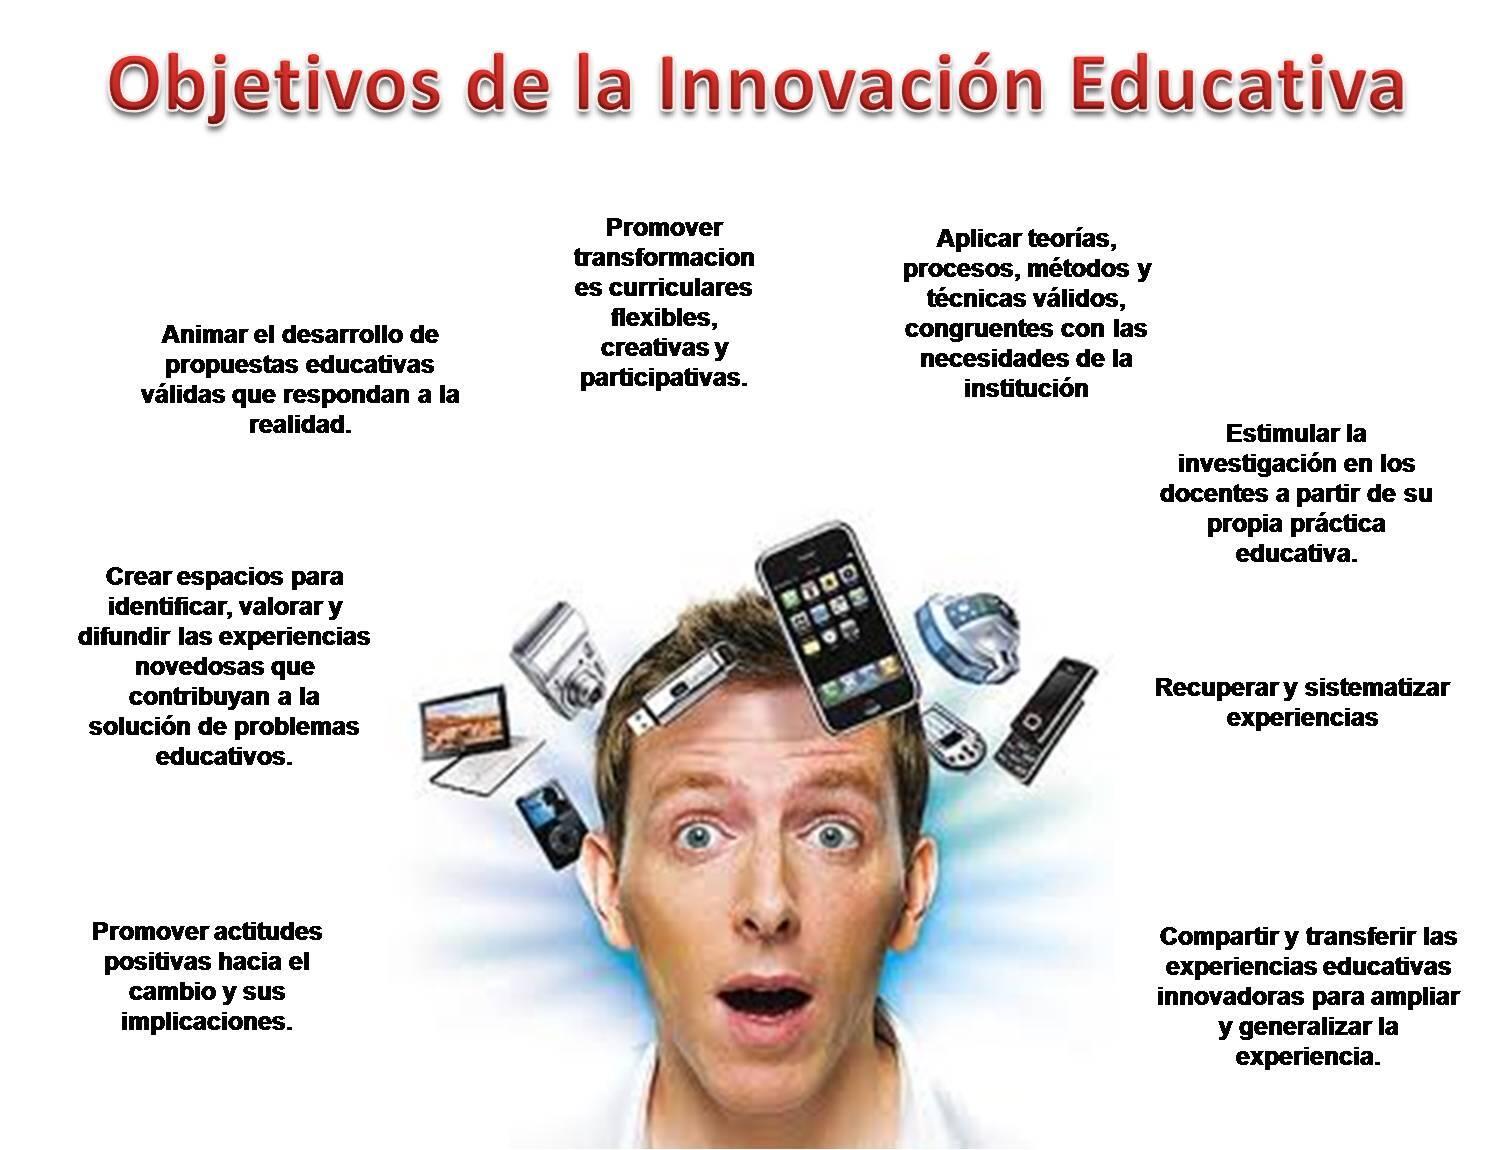 Innovación Educativa: Objetivos http://t.co/lAKatX0epP